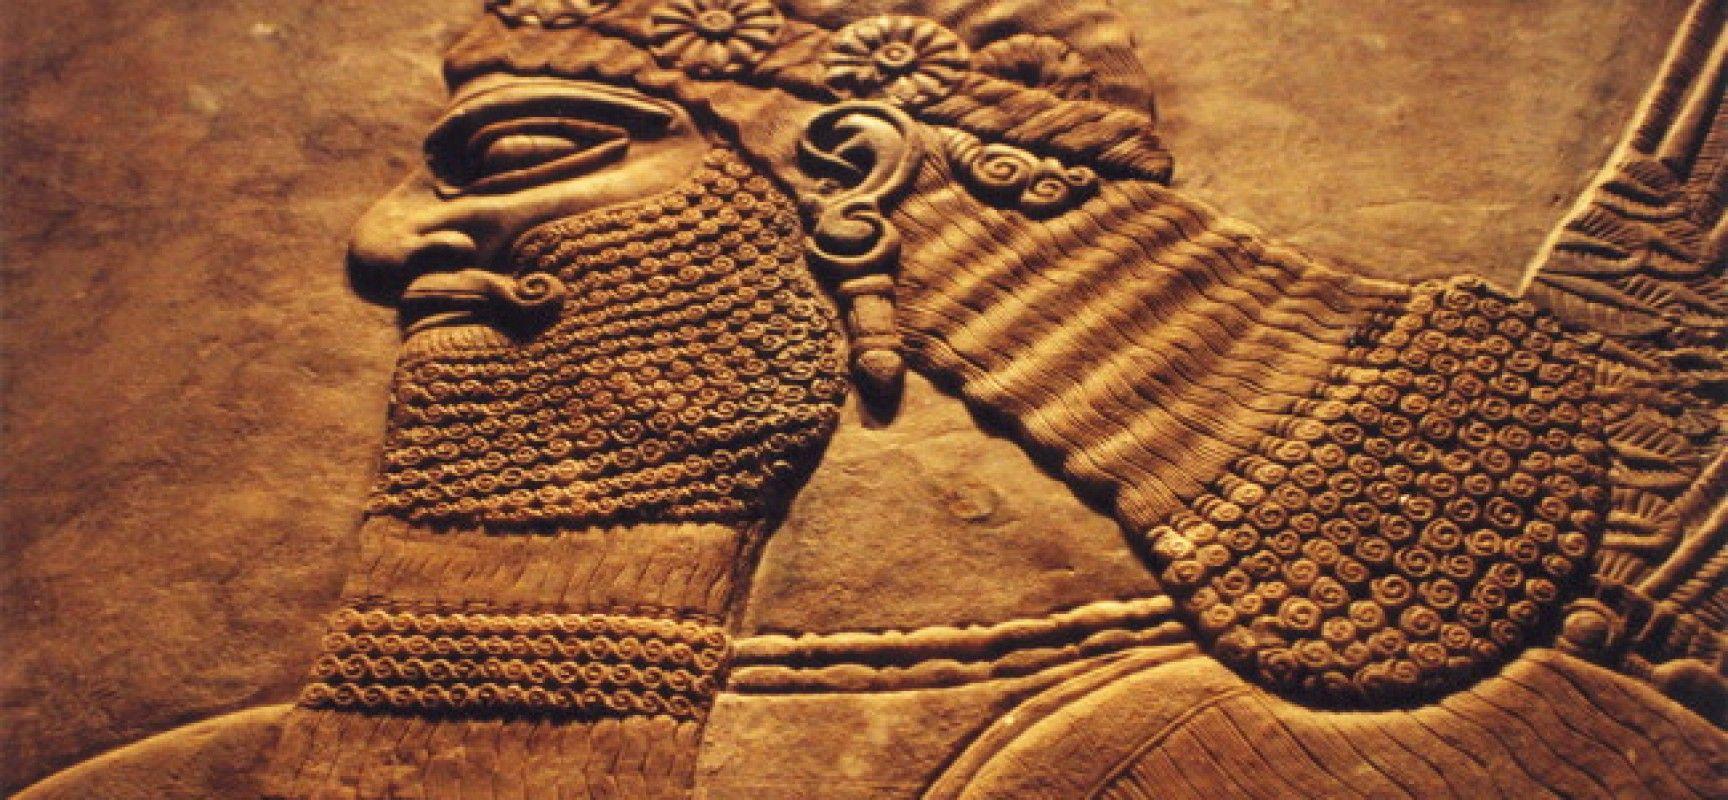 le juda u00efsme provient de textes sumero